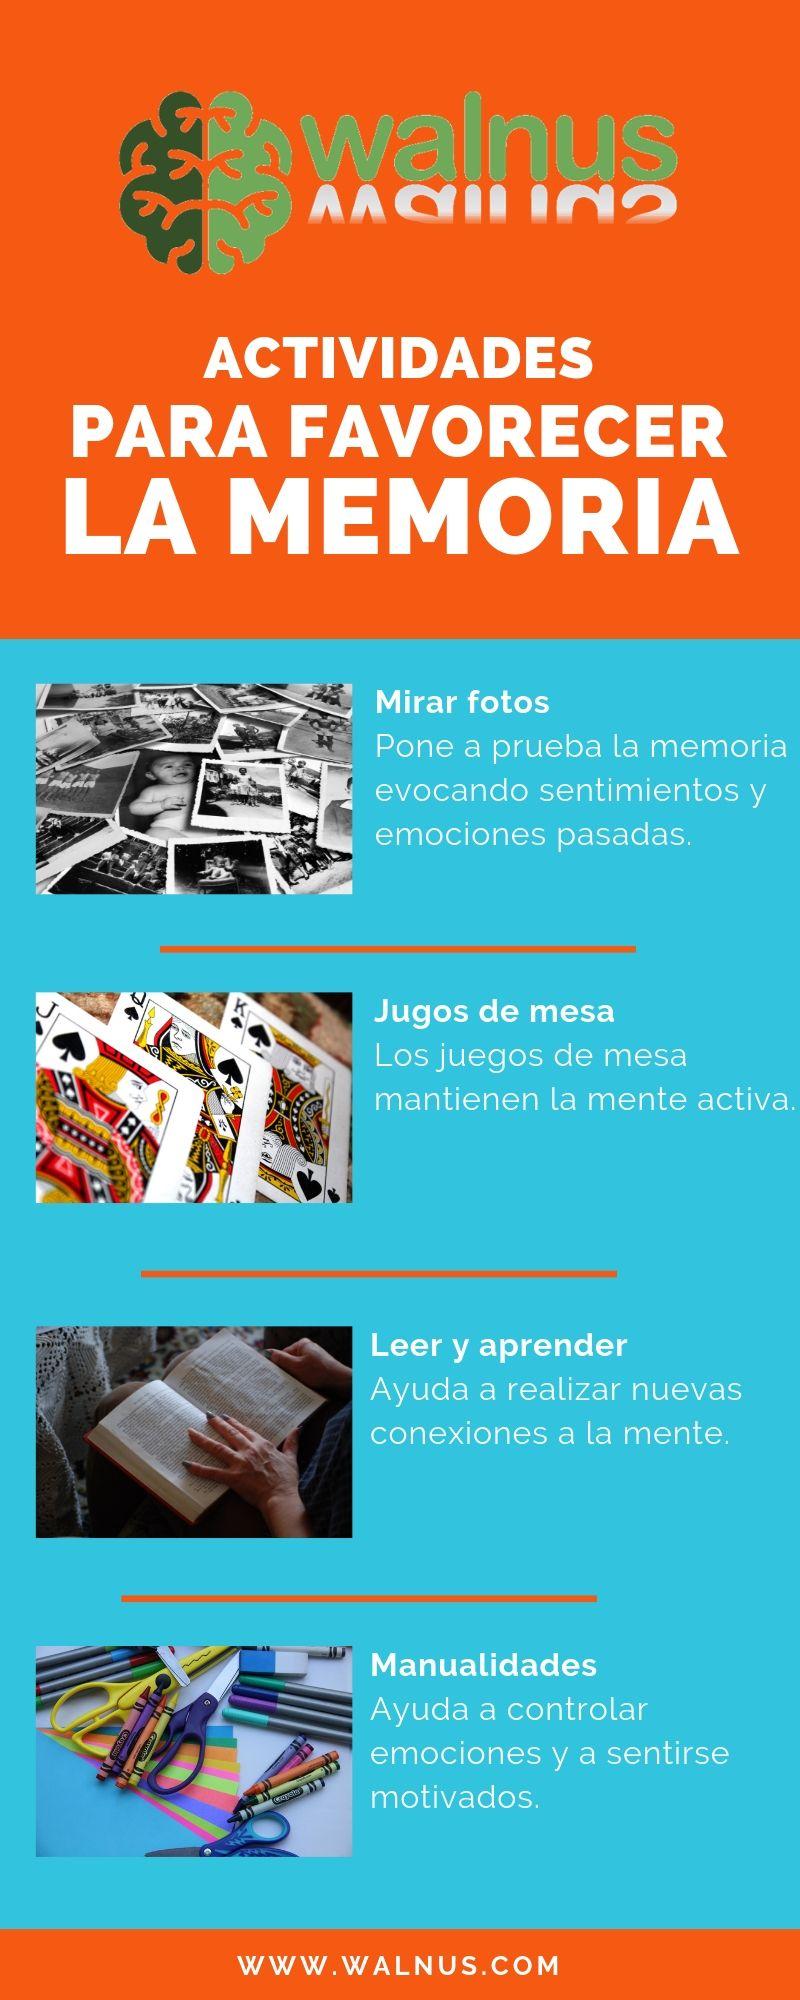 Walnus Marketplace Walnus Perfil Pinterest